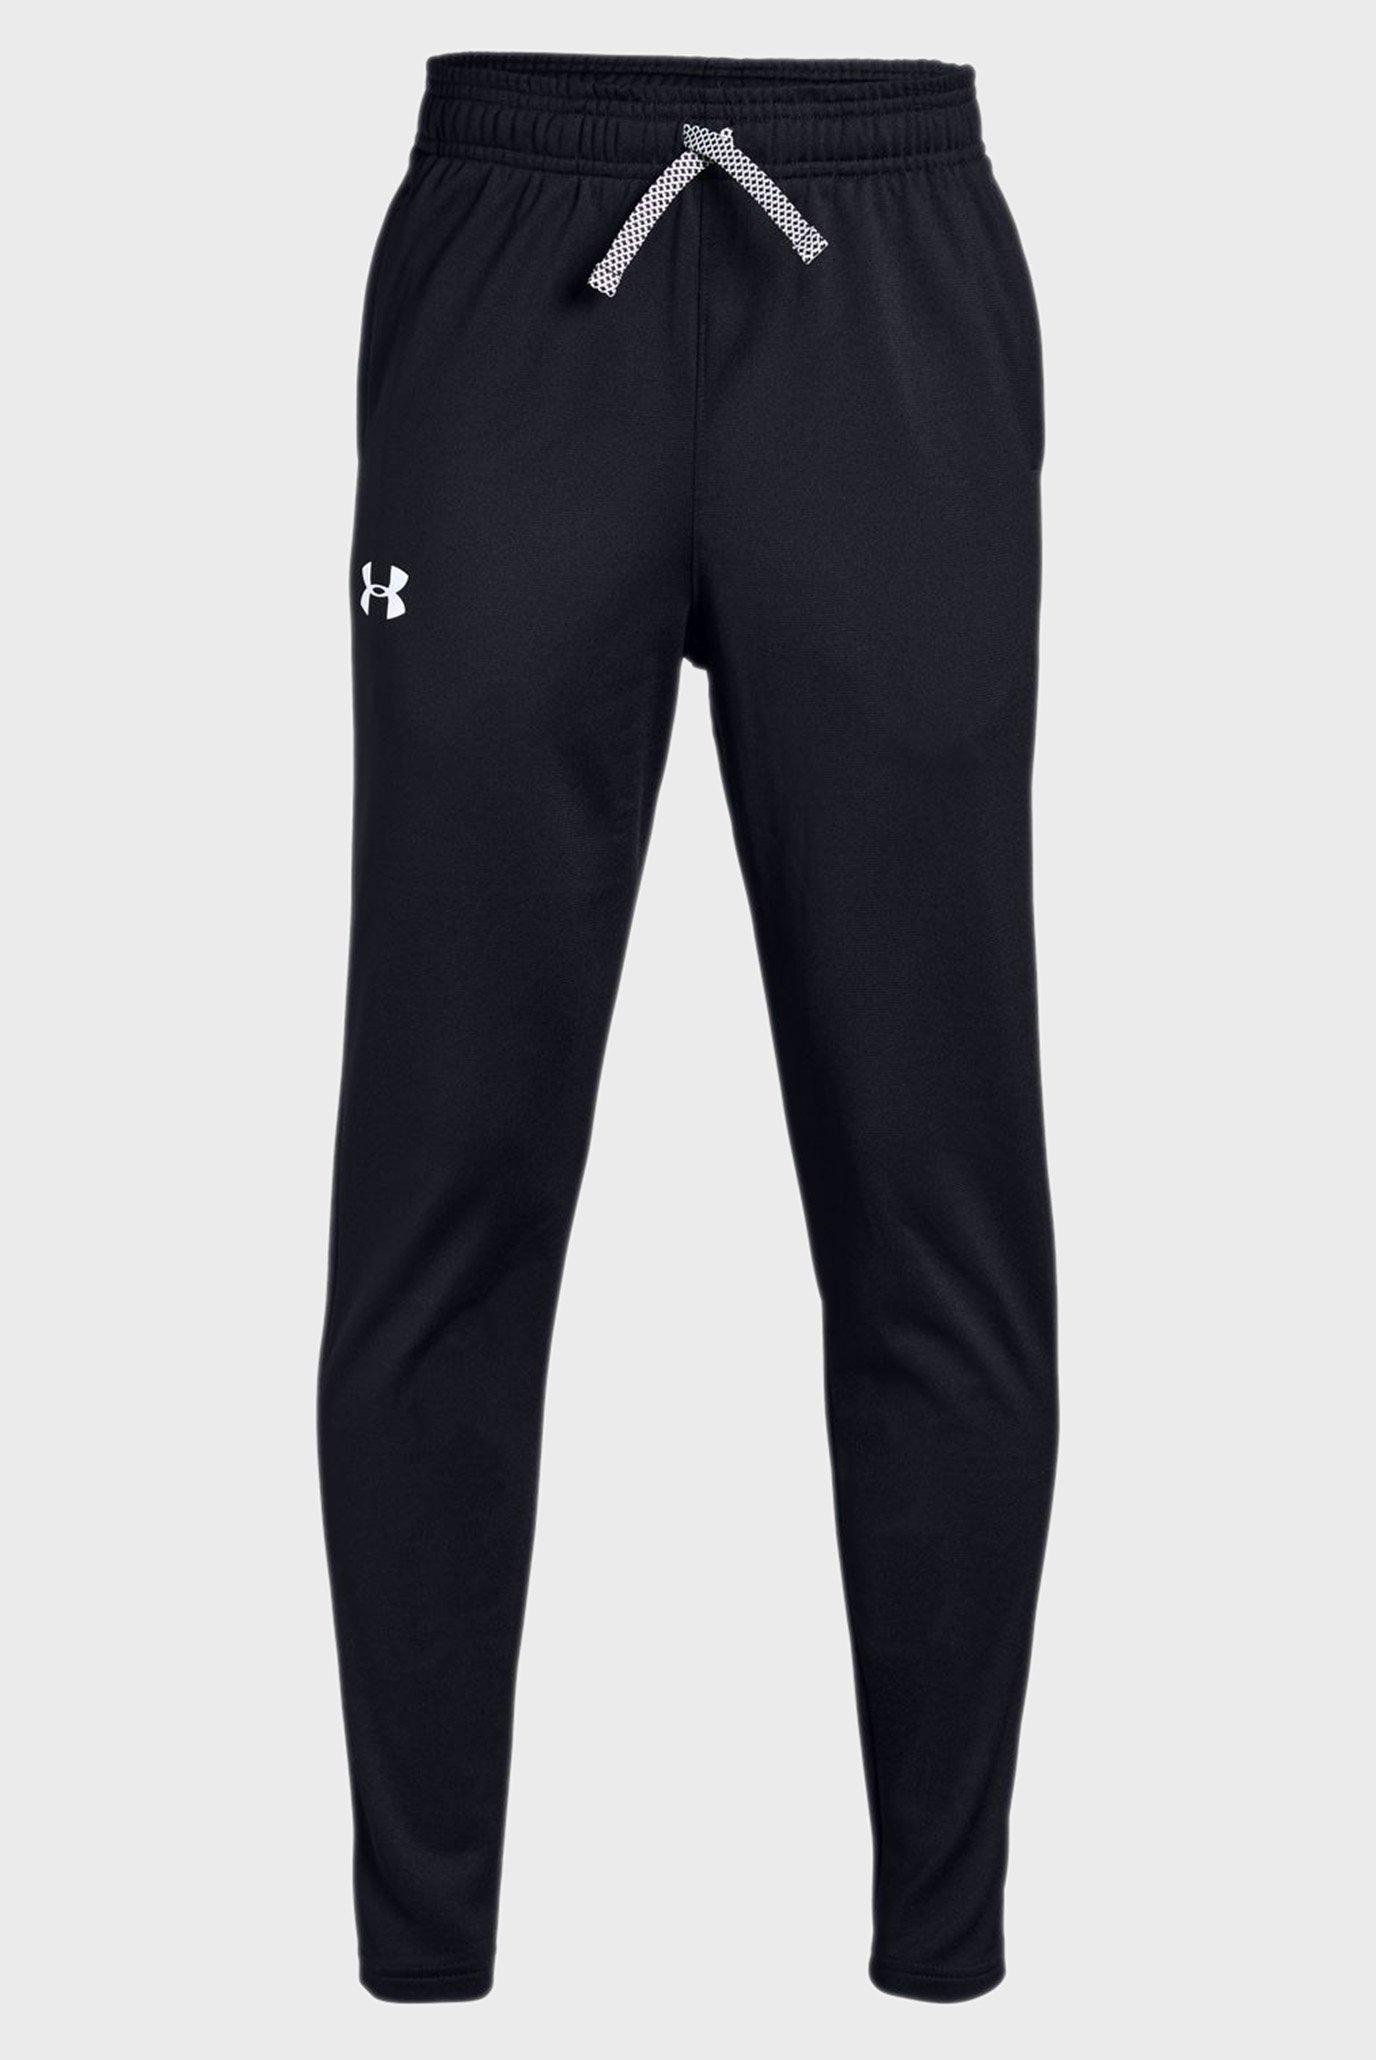 Купить Детские черные спортивные брюки BRAWLER TAPERED PANT Under Armour Under Armour 1331692-001 – Киев, Украина. Цены в интернет магазине MD Fashion